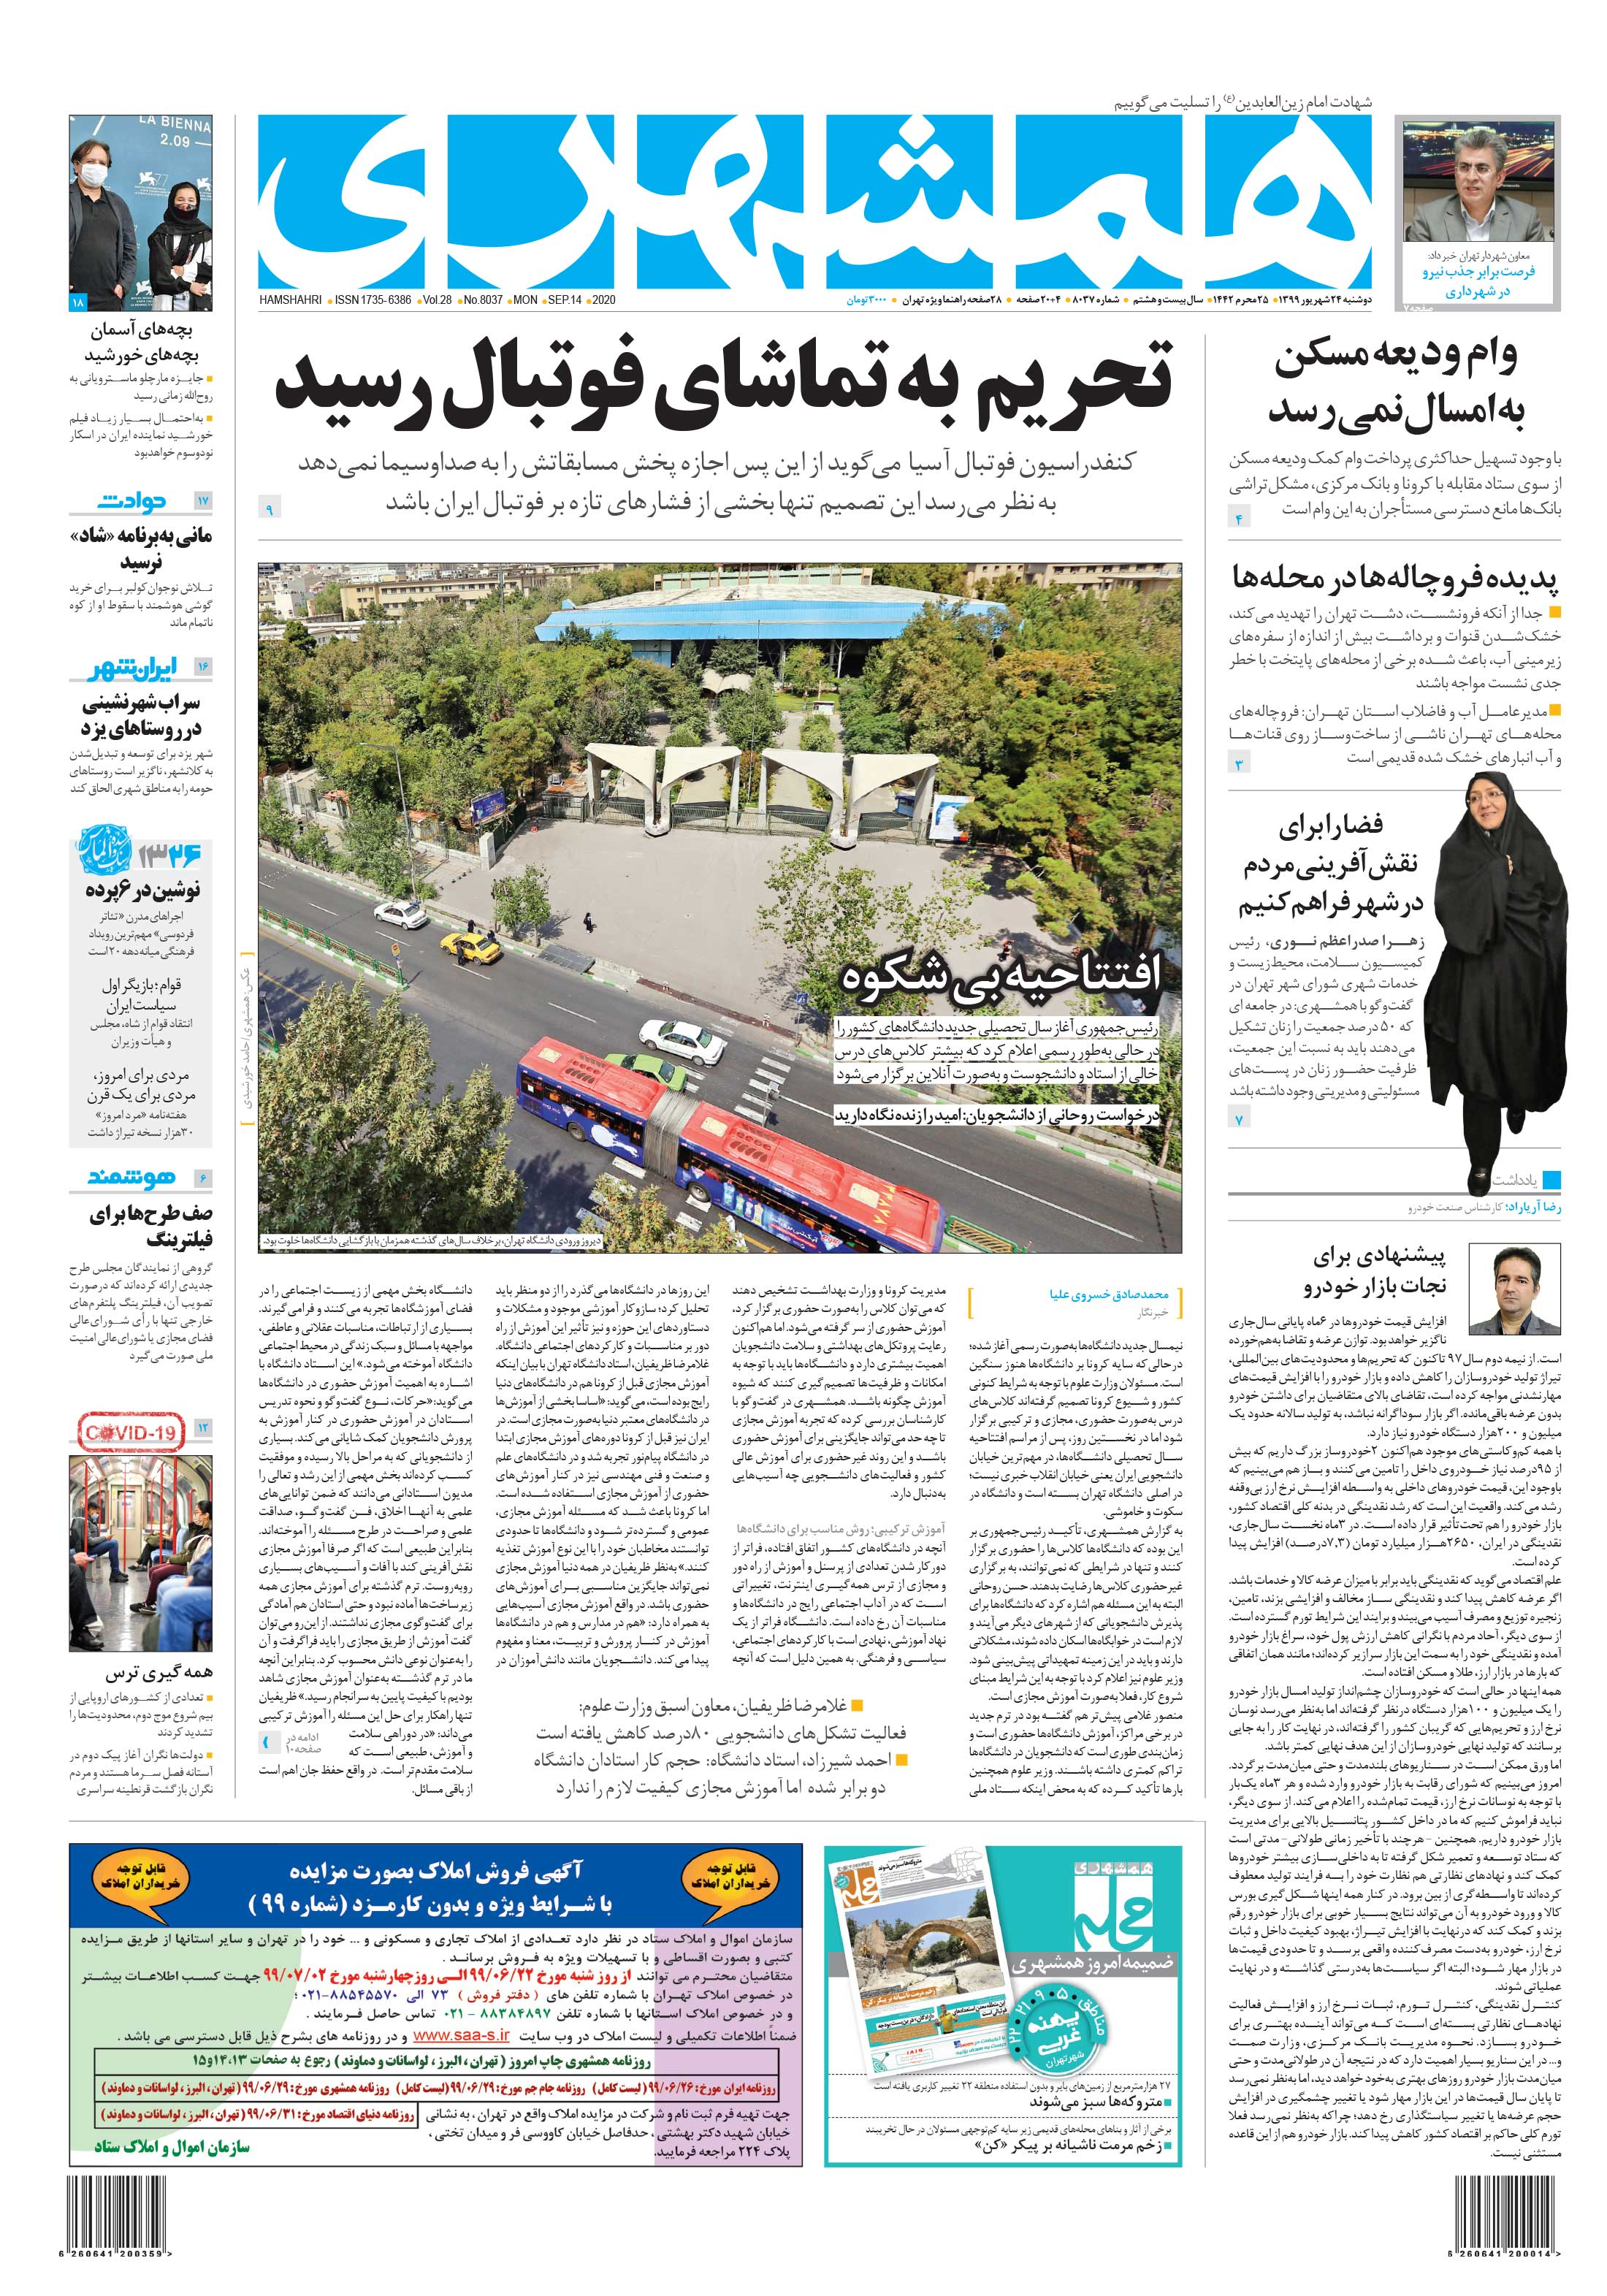 صفحه اول دوشنبه 24 شهریور 1399